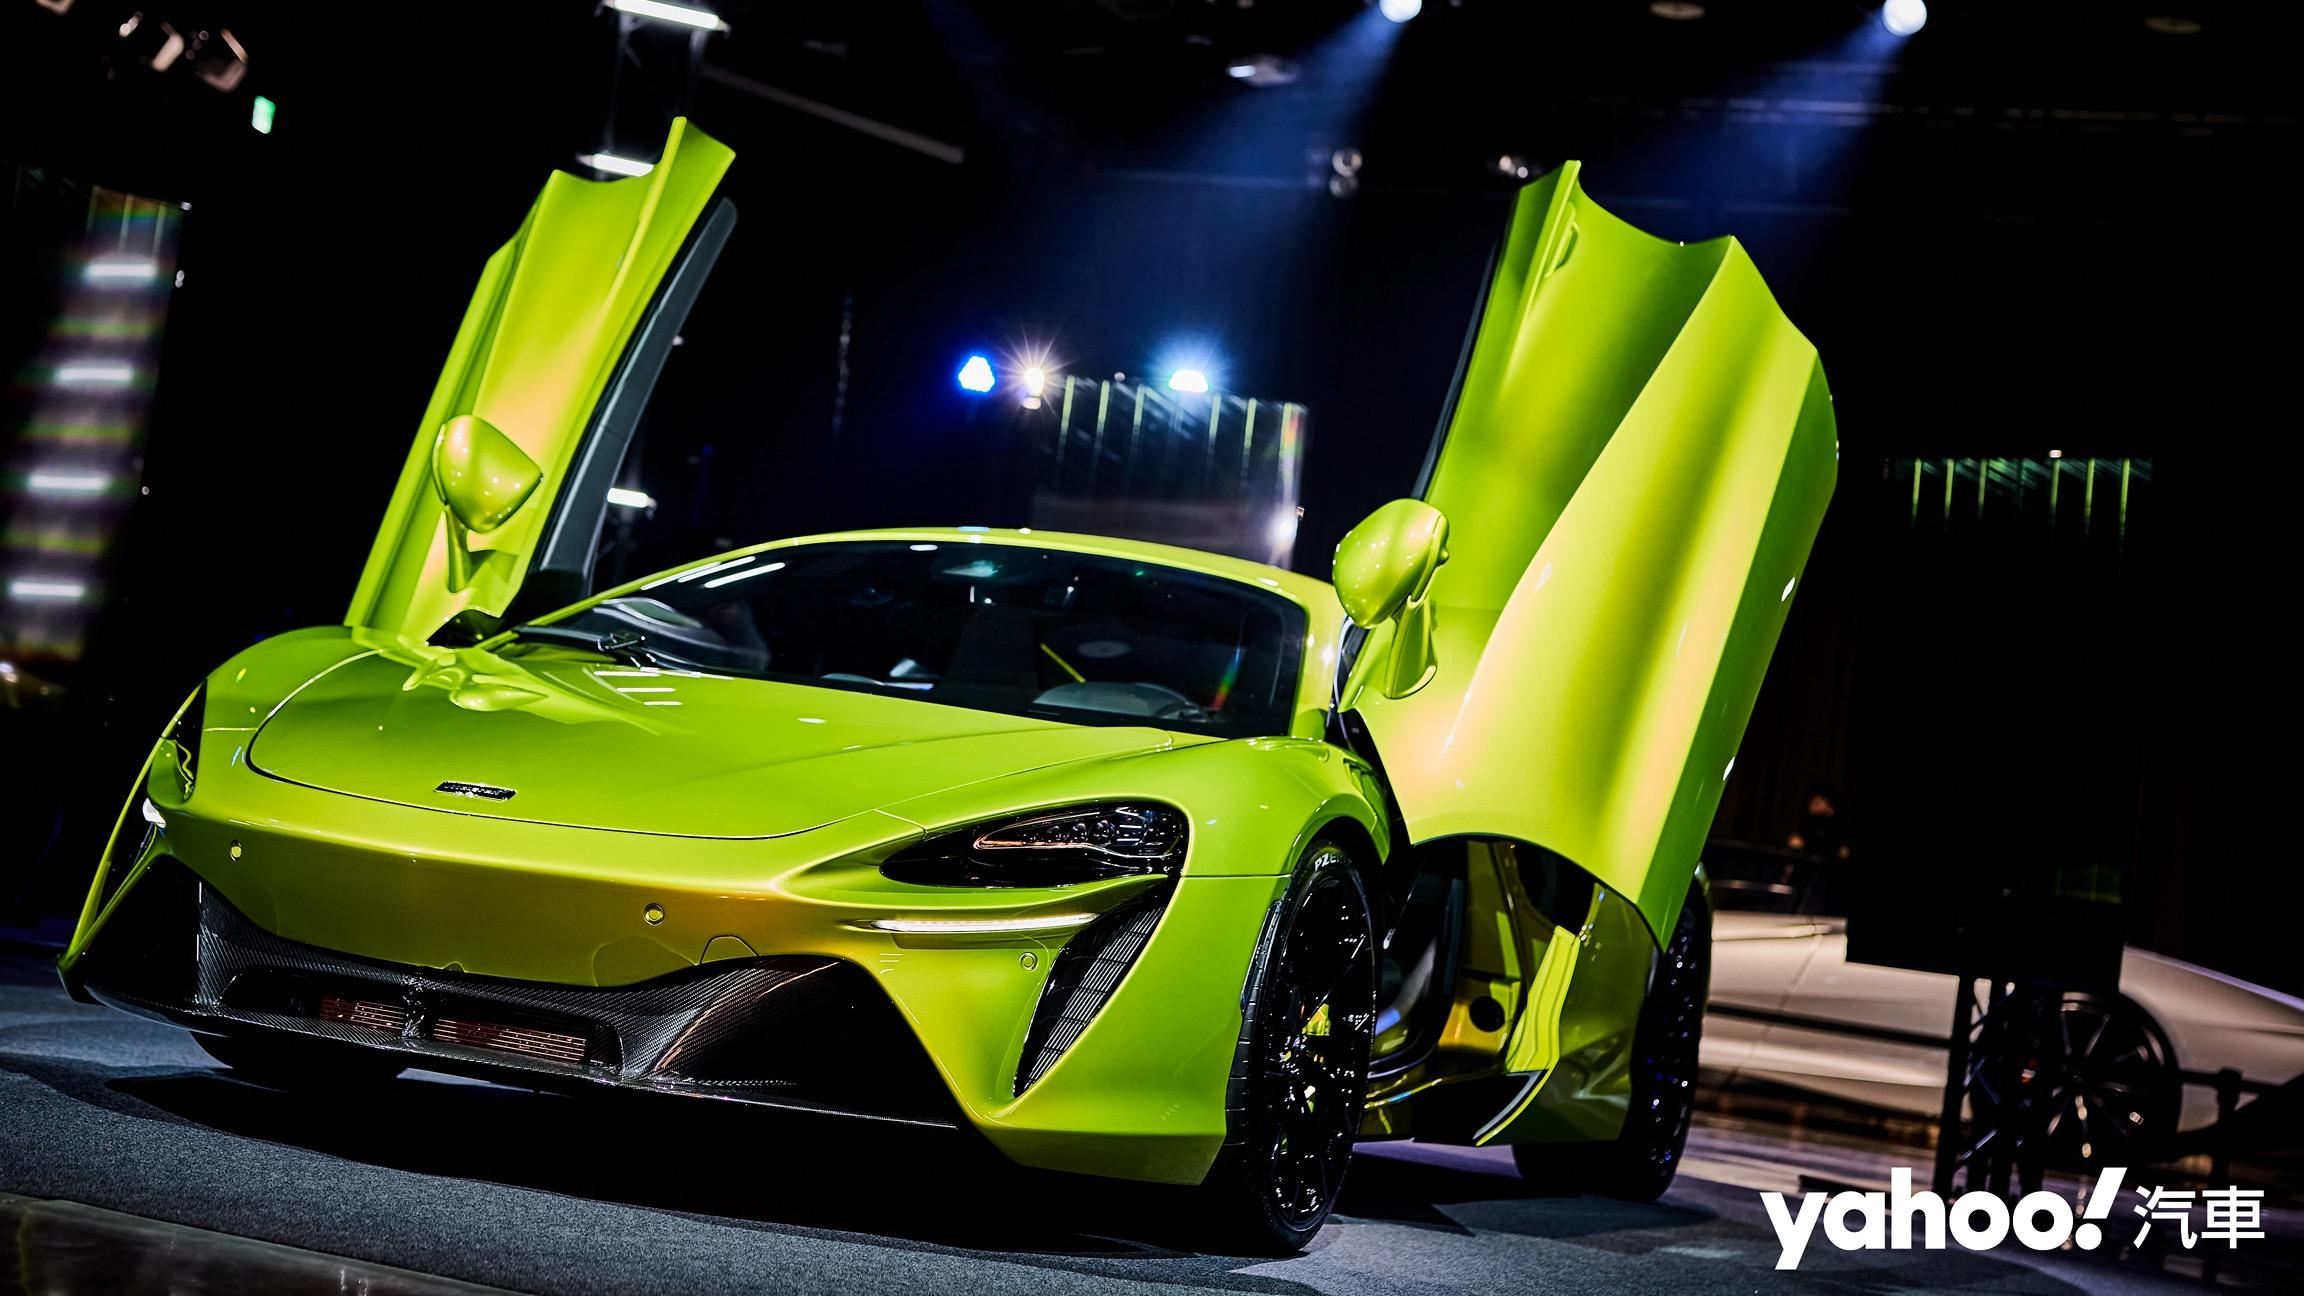 【新車圖輯】全球實車首亮相就在台灣!2021 McLaren新世代油電超跑Artura特急發表!